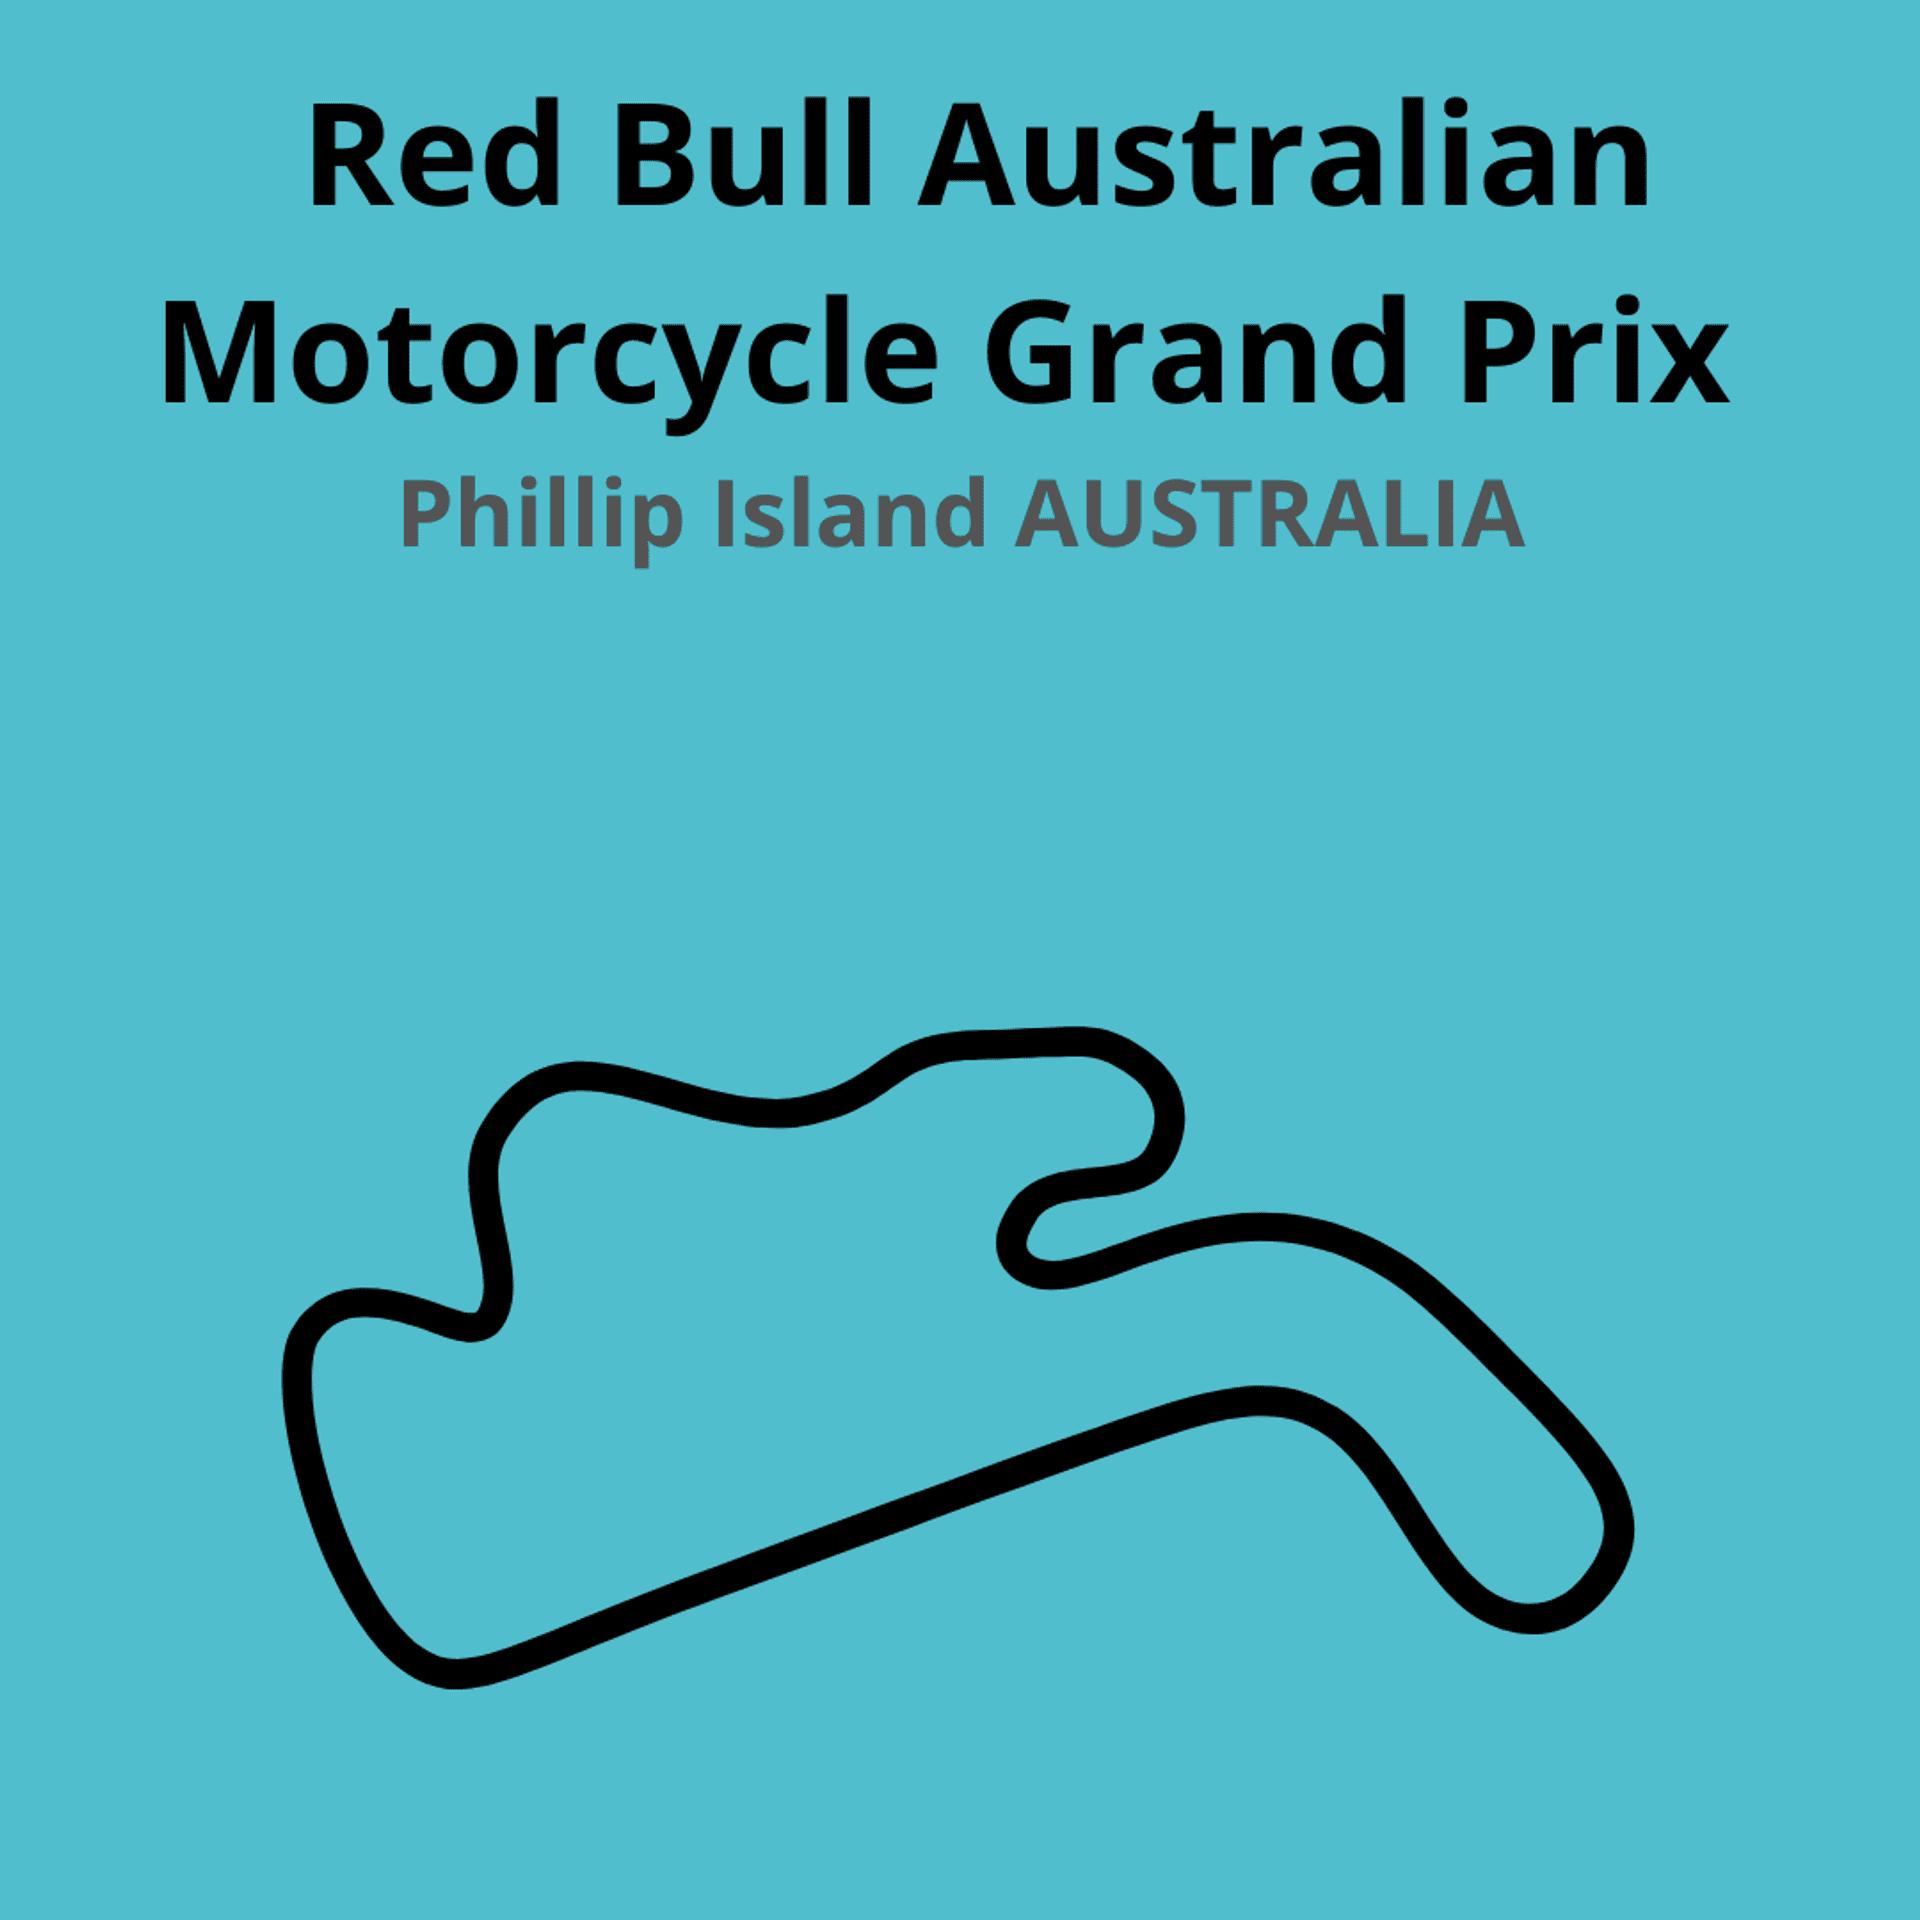 Red Bull Australiaan Motorcycle Grand Prix. Scopri tutte le gare del moto mondiale 2021.Le caratteristiche di ogni circuito, i record e difficoltà.Segui insieme a noi tutte le gare di Tony Arbolino nella sua nuova avventura in Moto2